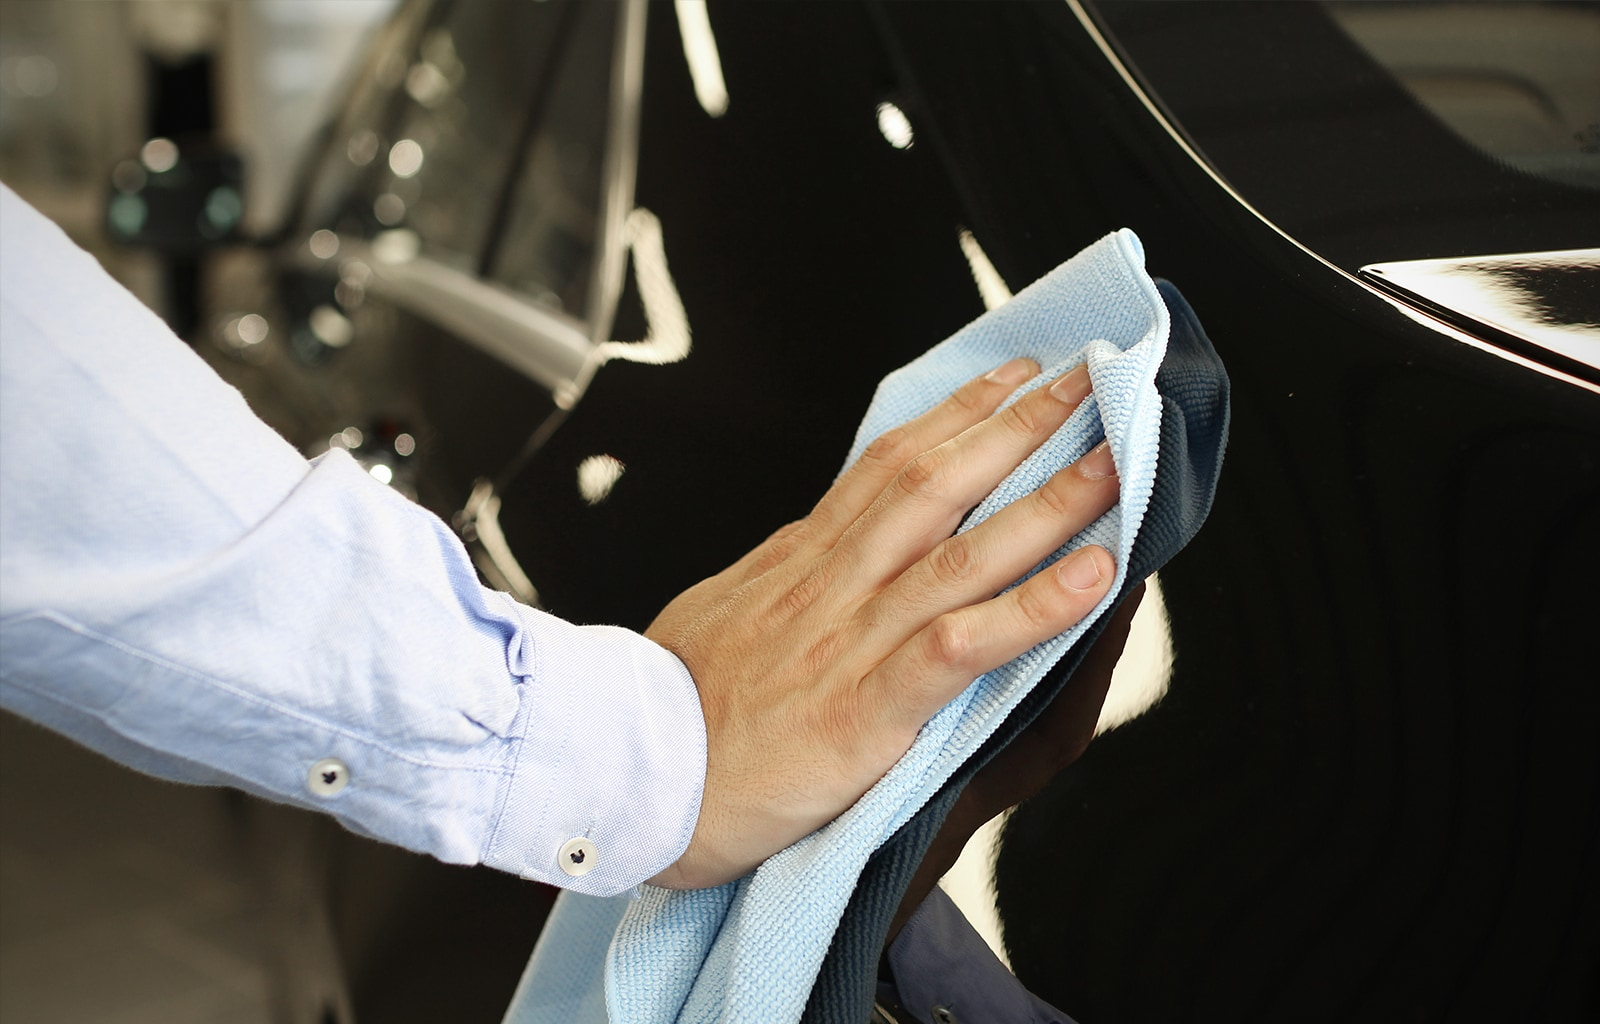 Autopflege ohne Silikon